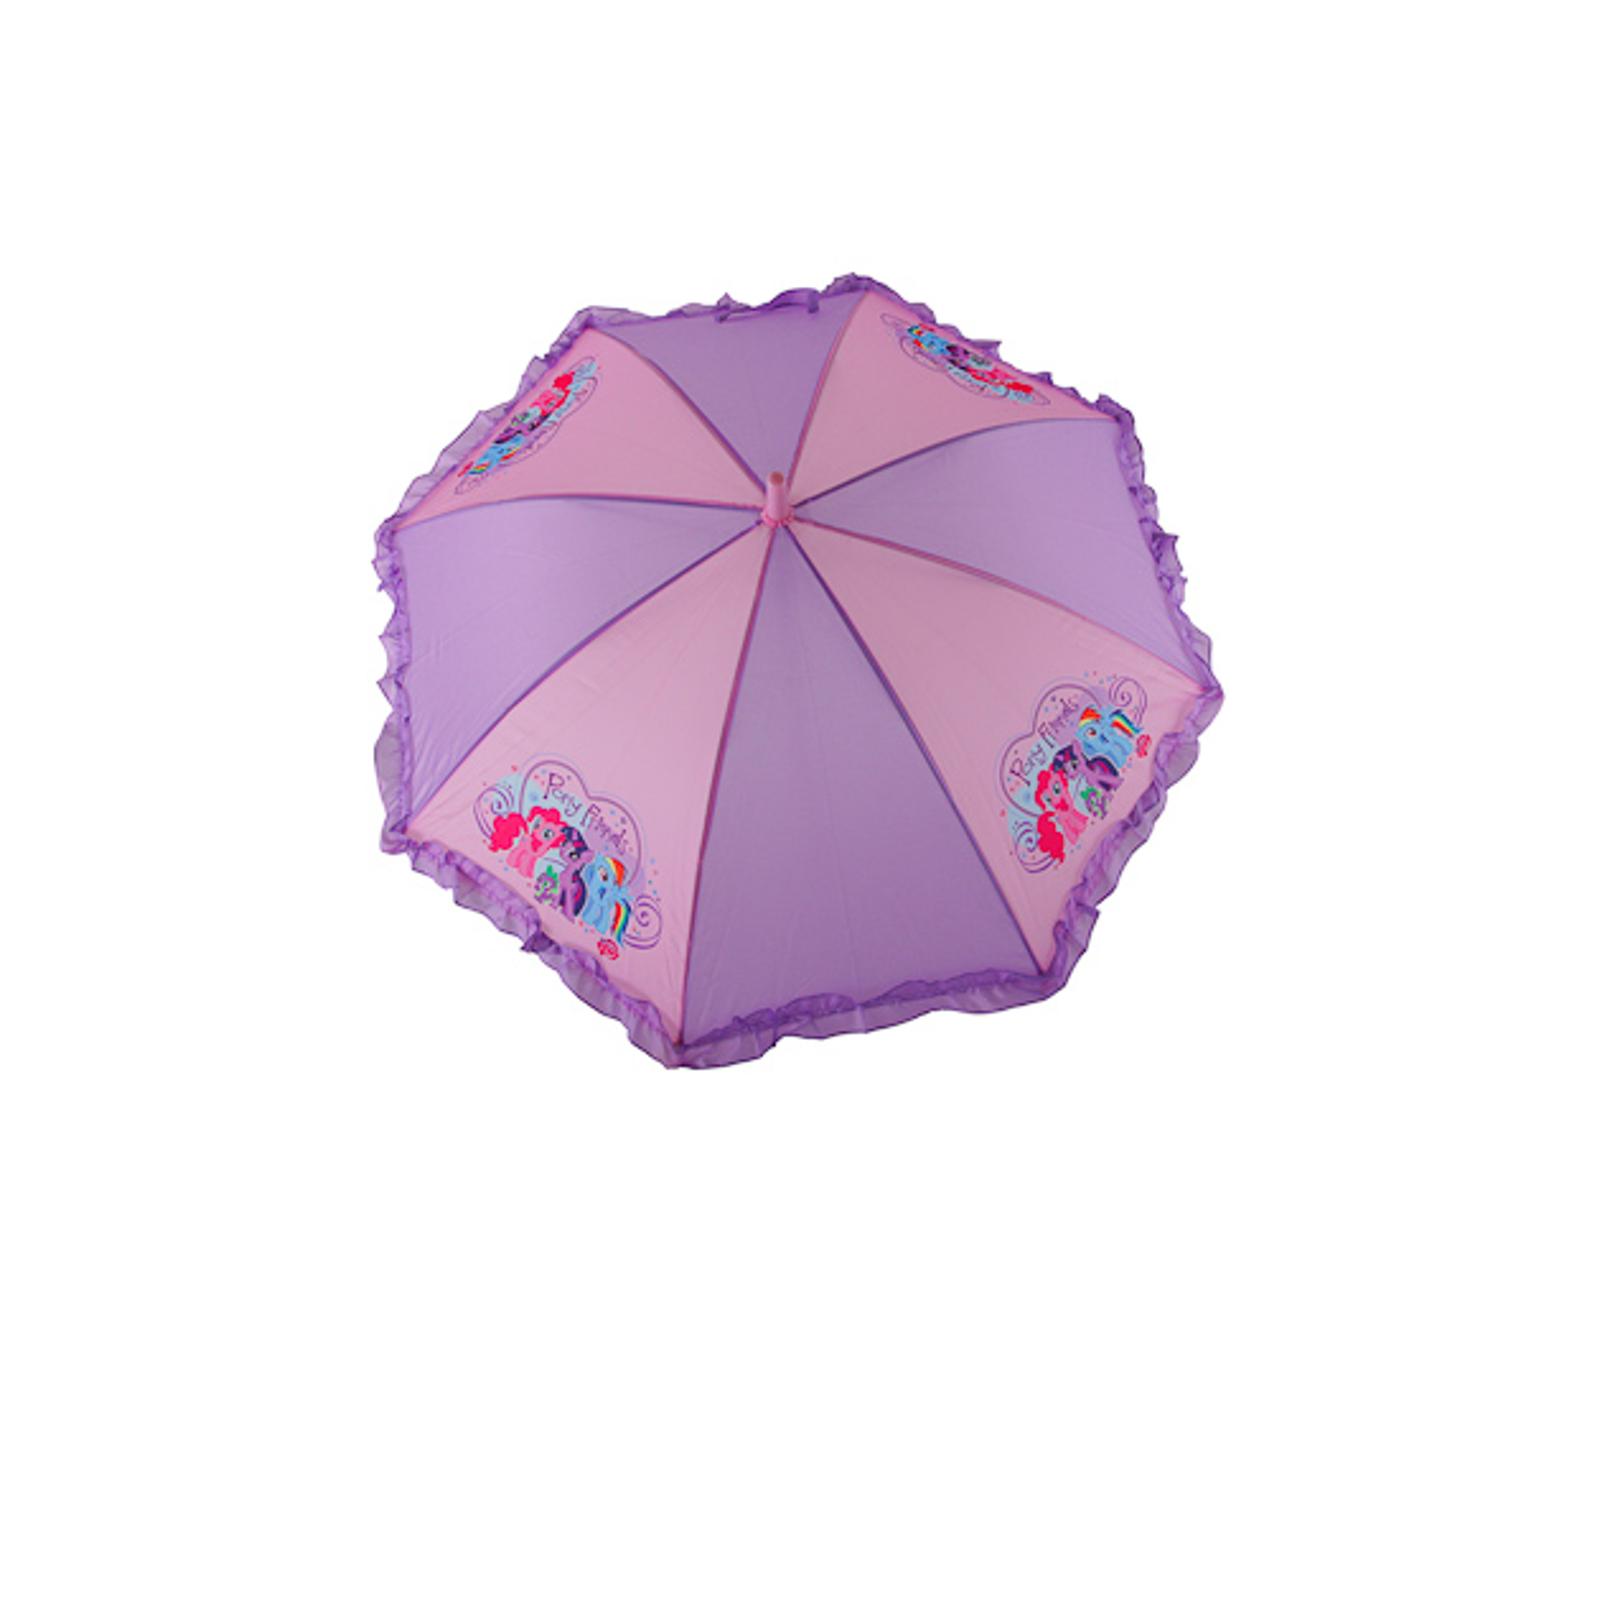 Зонт My Little Pony Сиреневый с розовым 17 см.